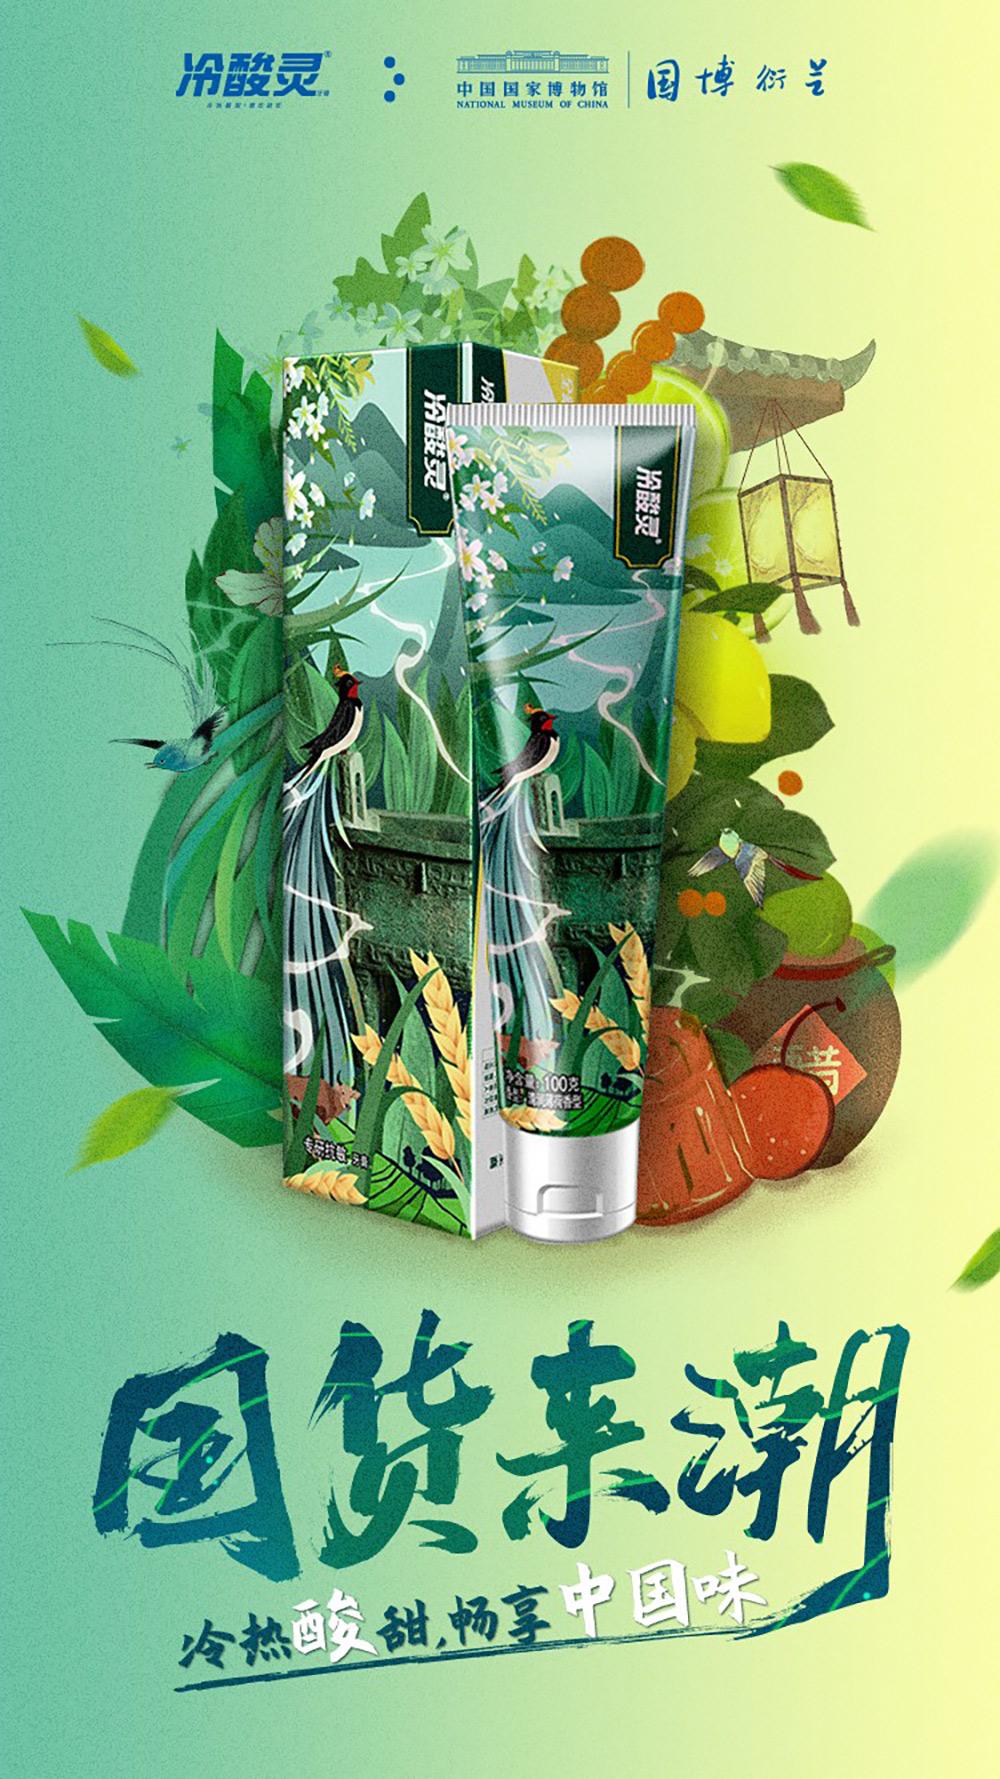 创意无限!12张产品营销海报让你大饱眼福